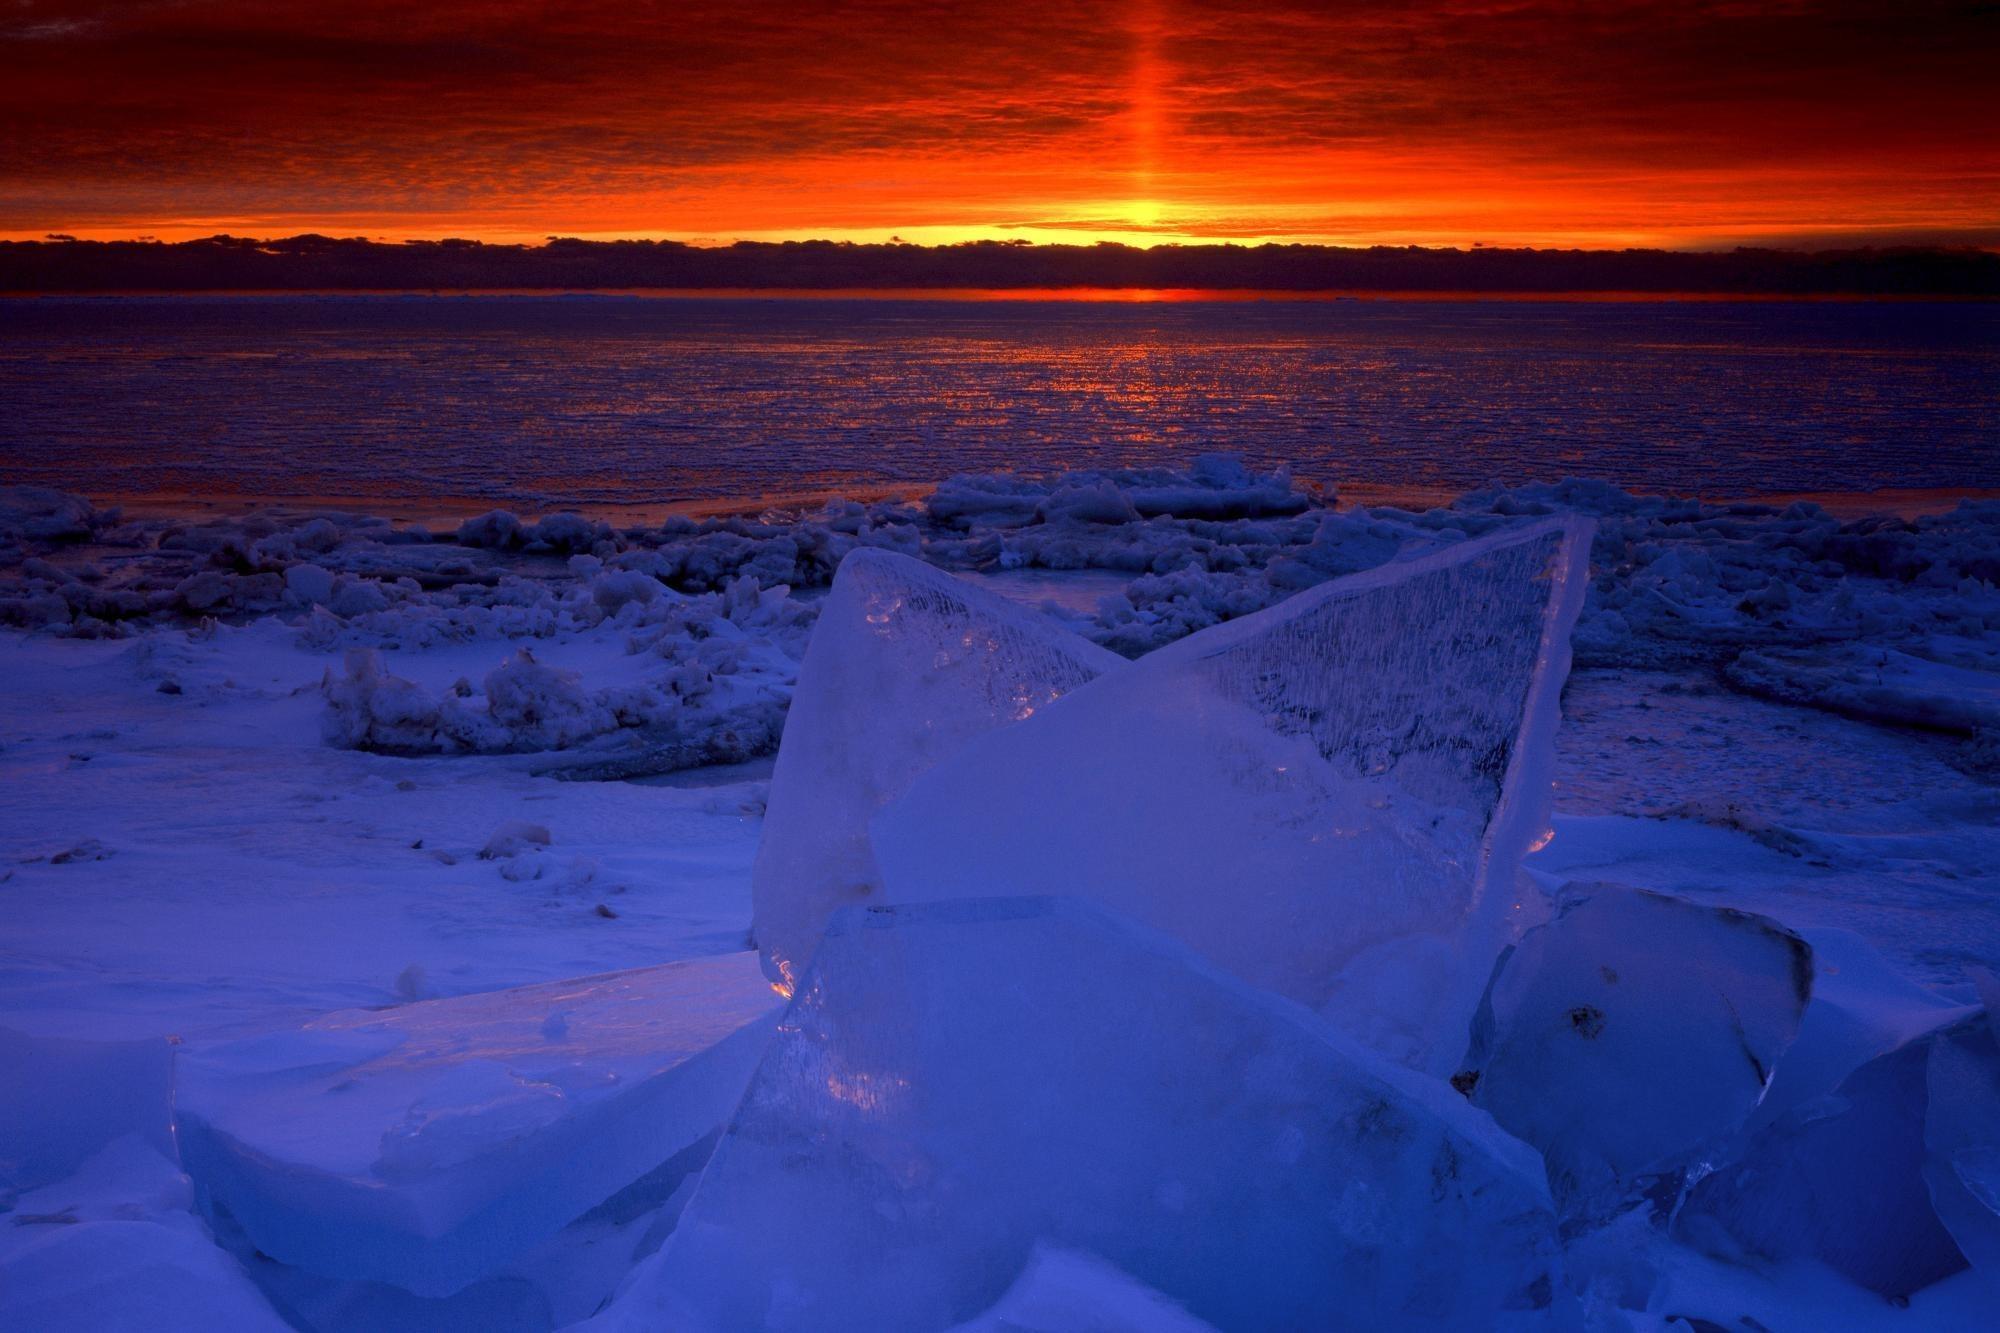 солнце льдины фокус  № 3229444 загрузить